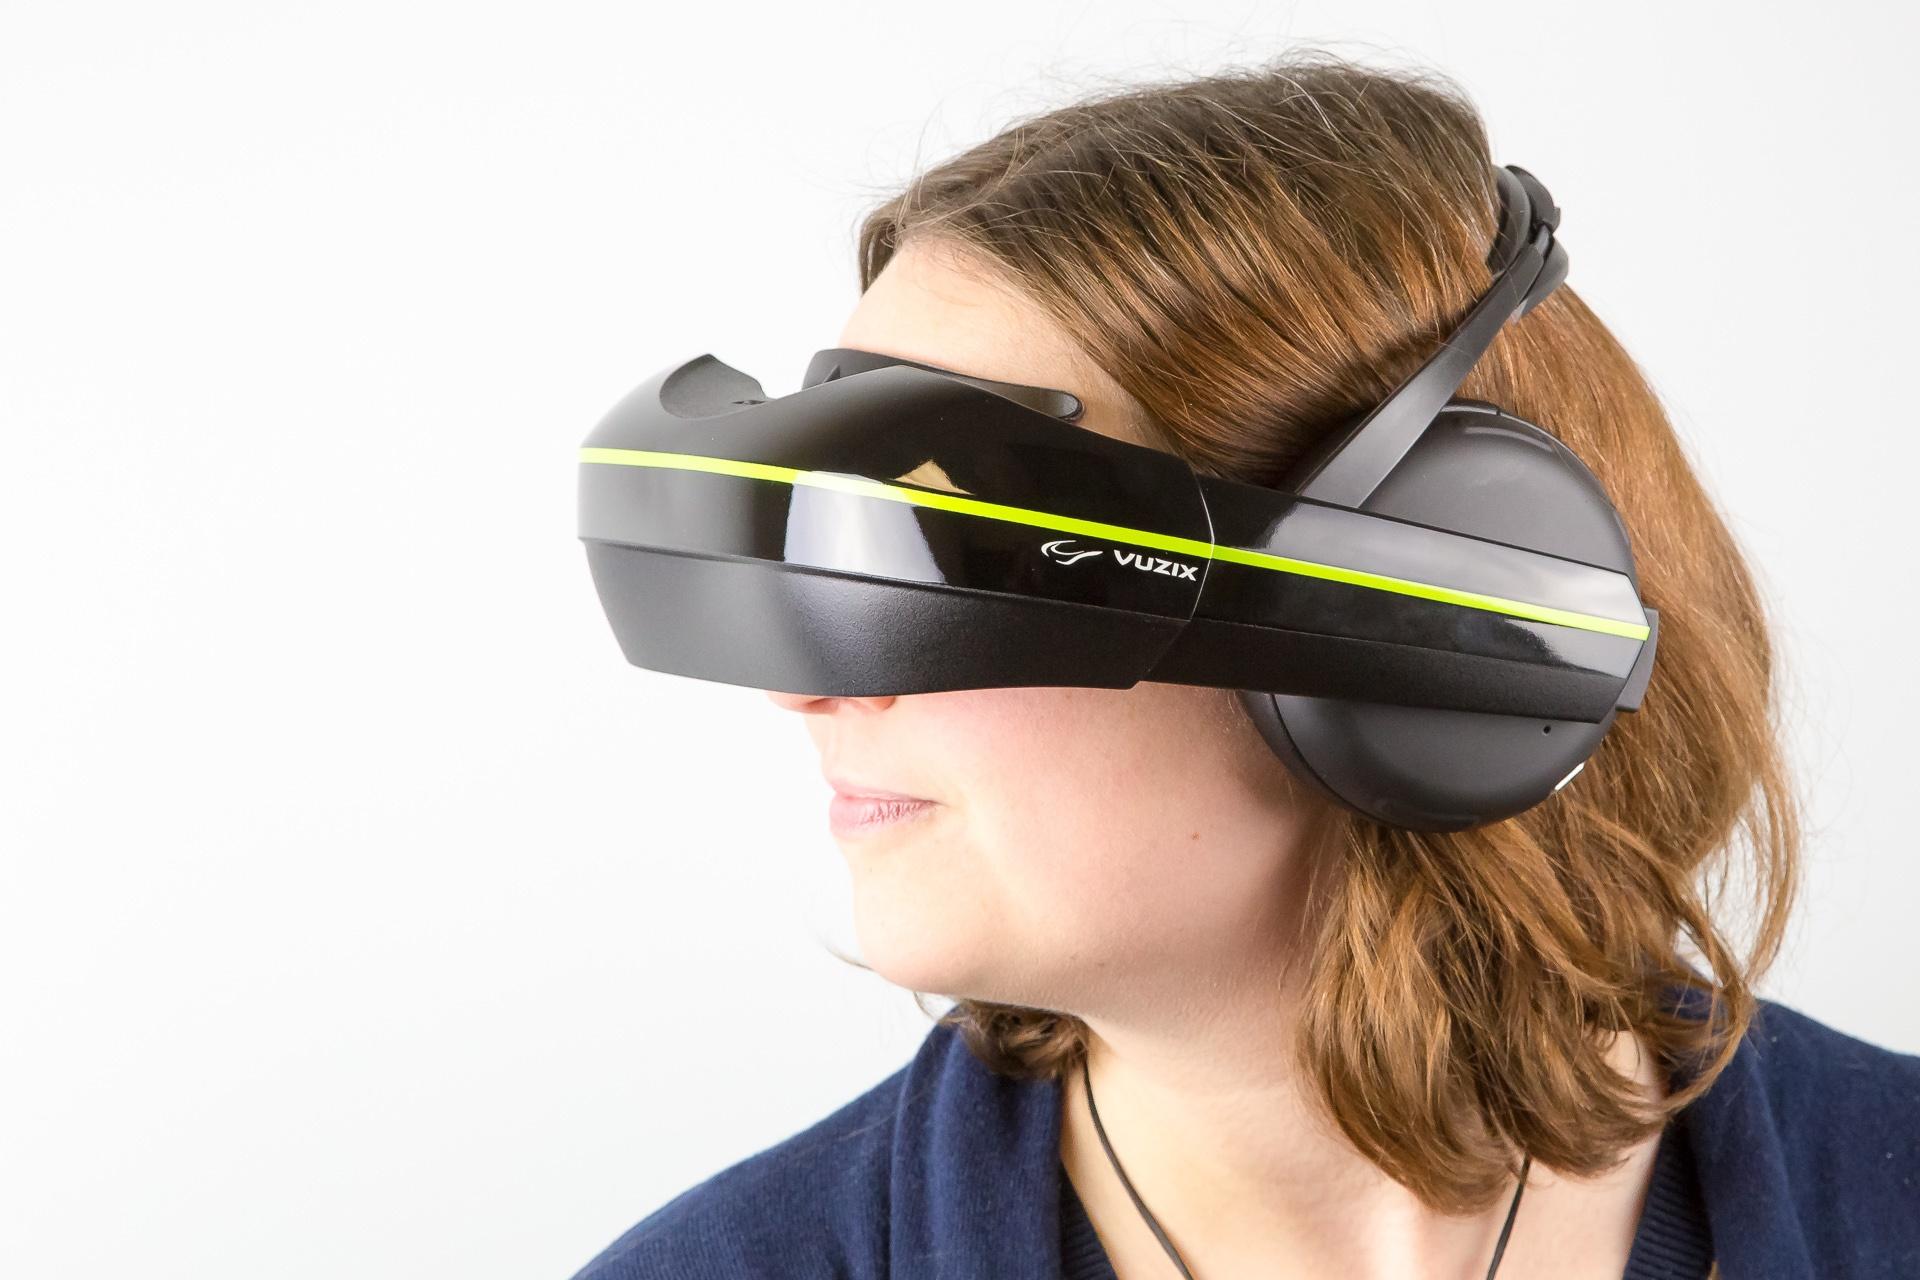 9b357ded2 Vuzix anuncia visor de realidade virtual com headphone integrado - TecMundo